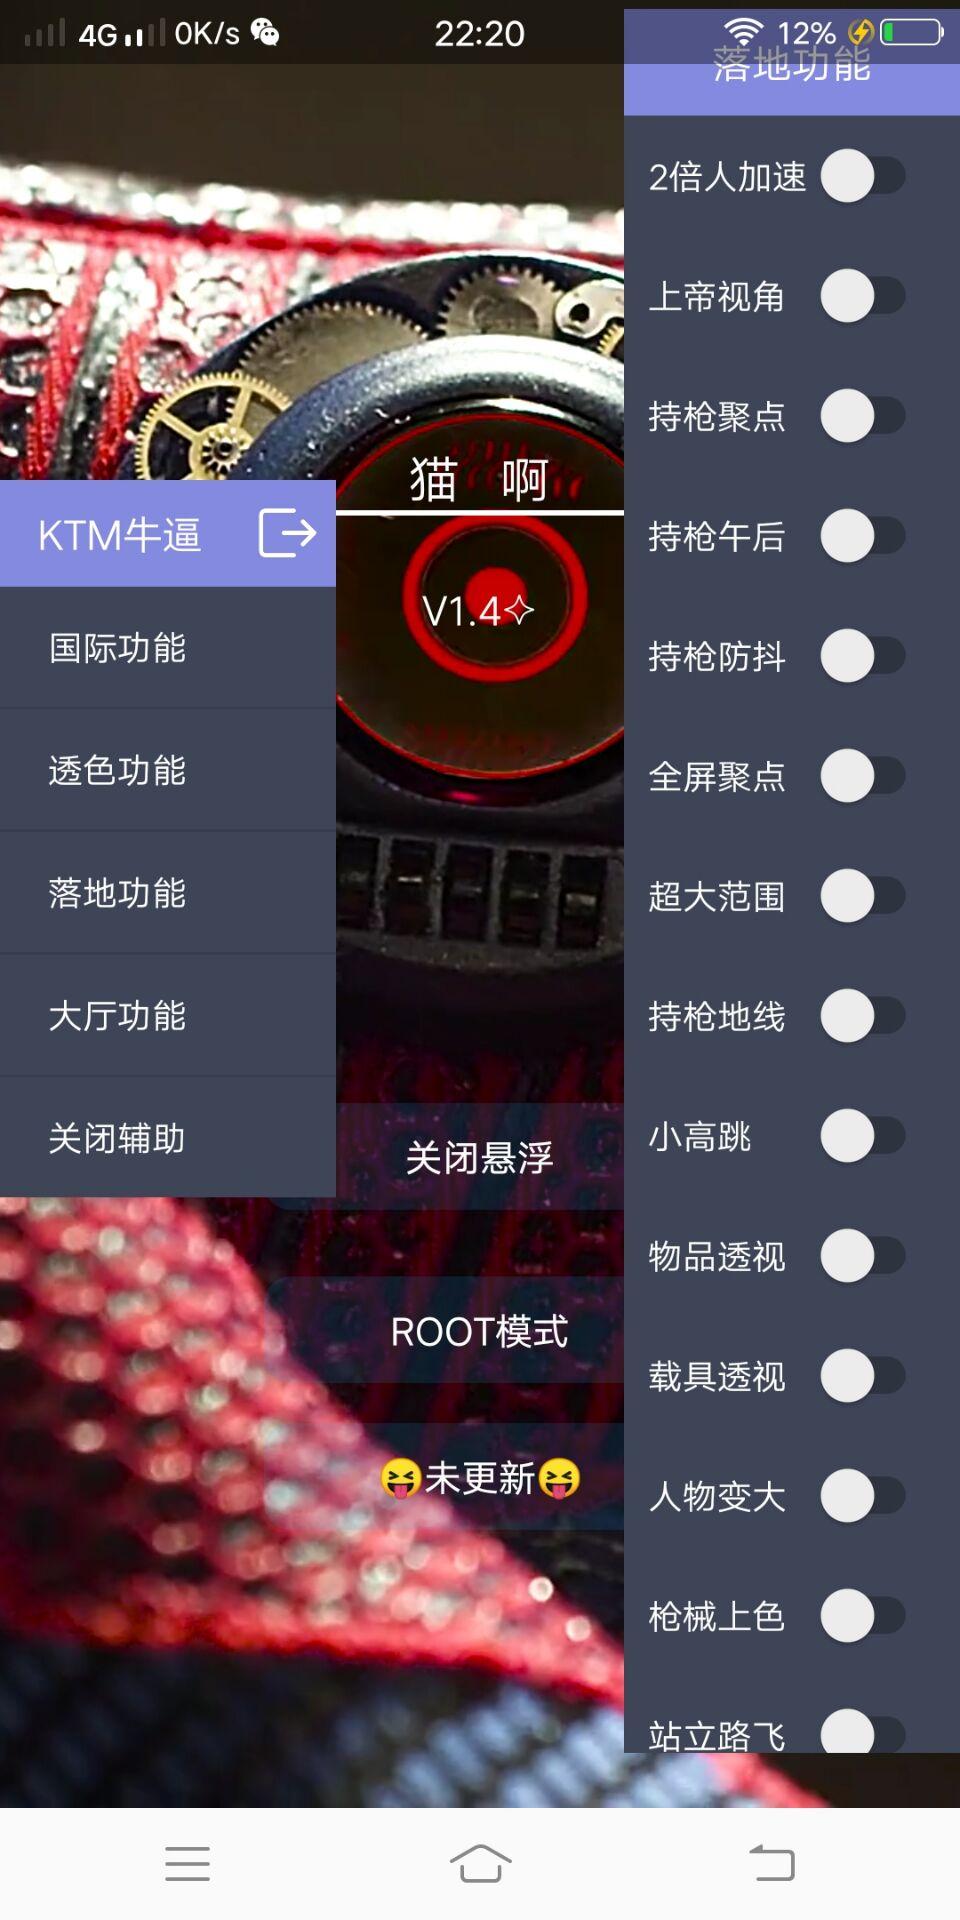 和平精英国服心柔破解KTM1.4稳定变态辅助软件